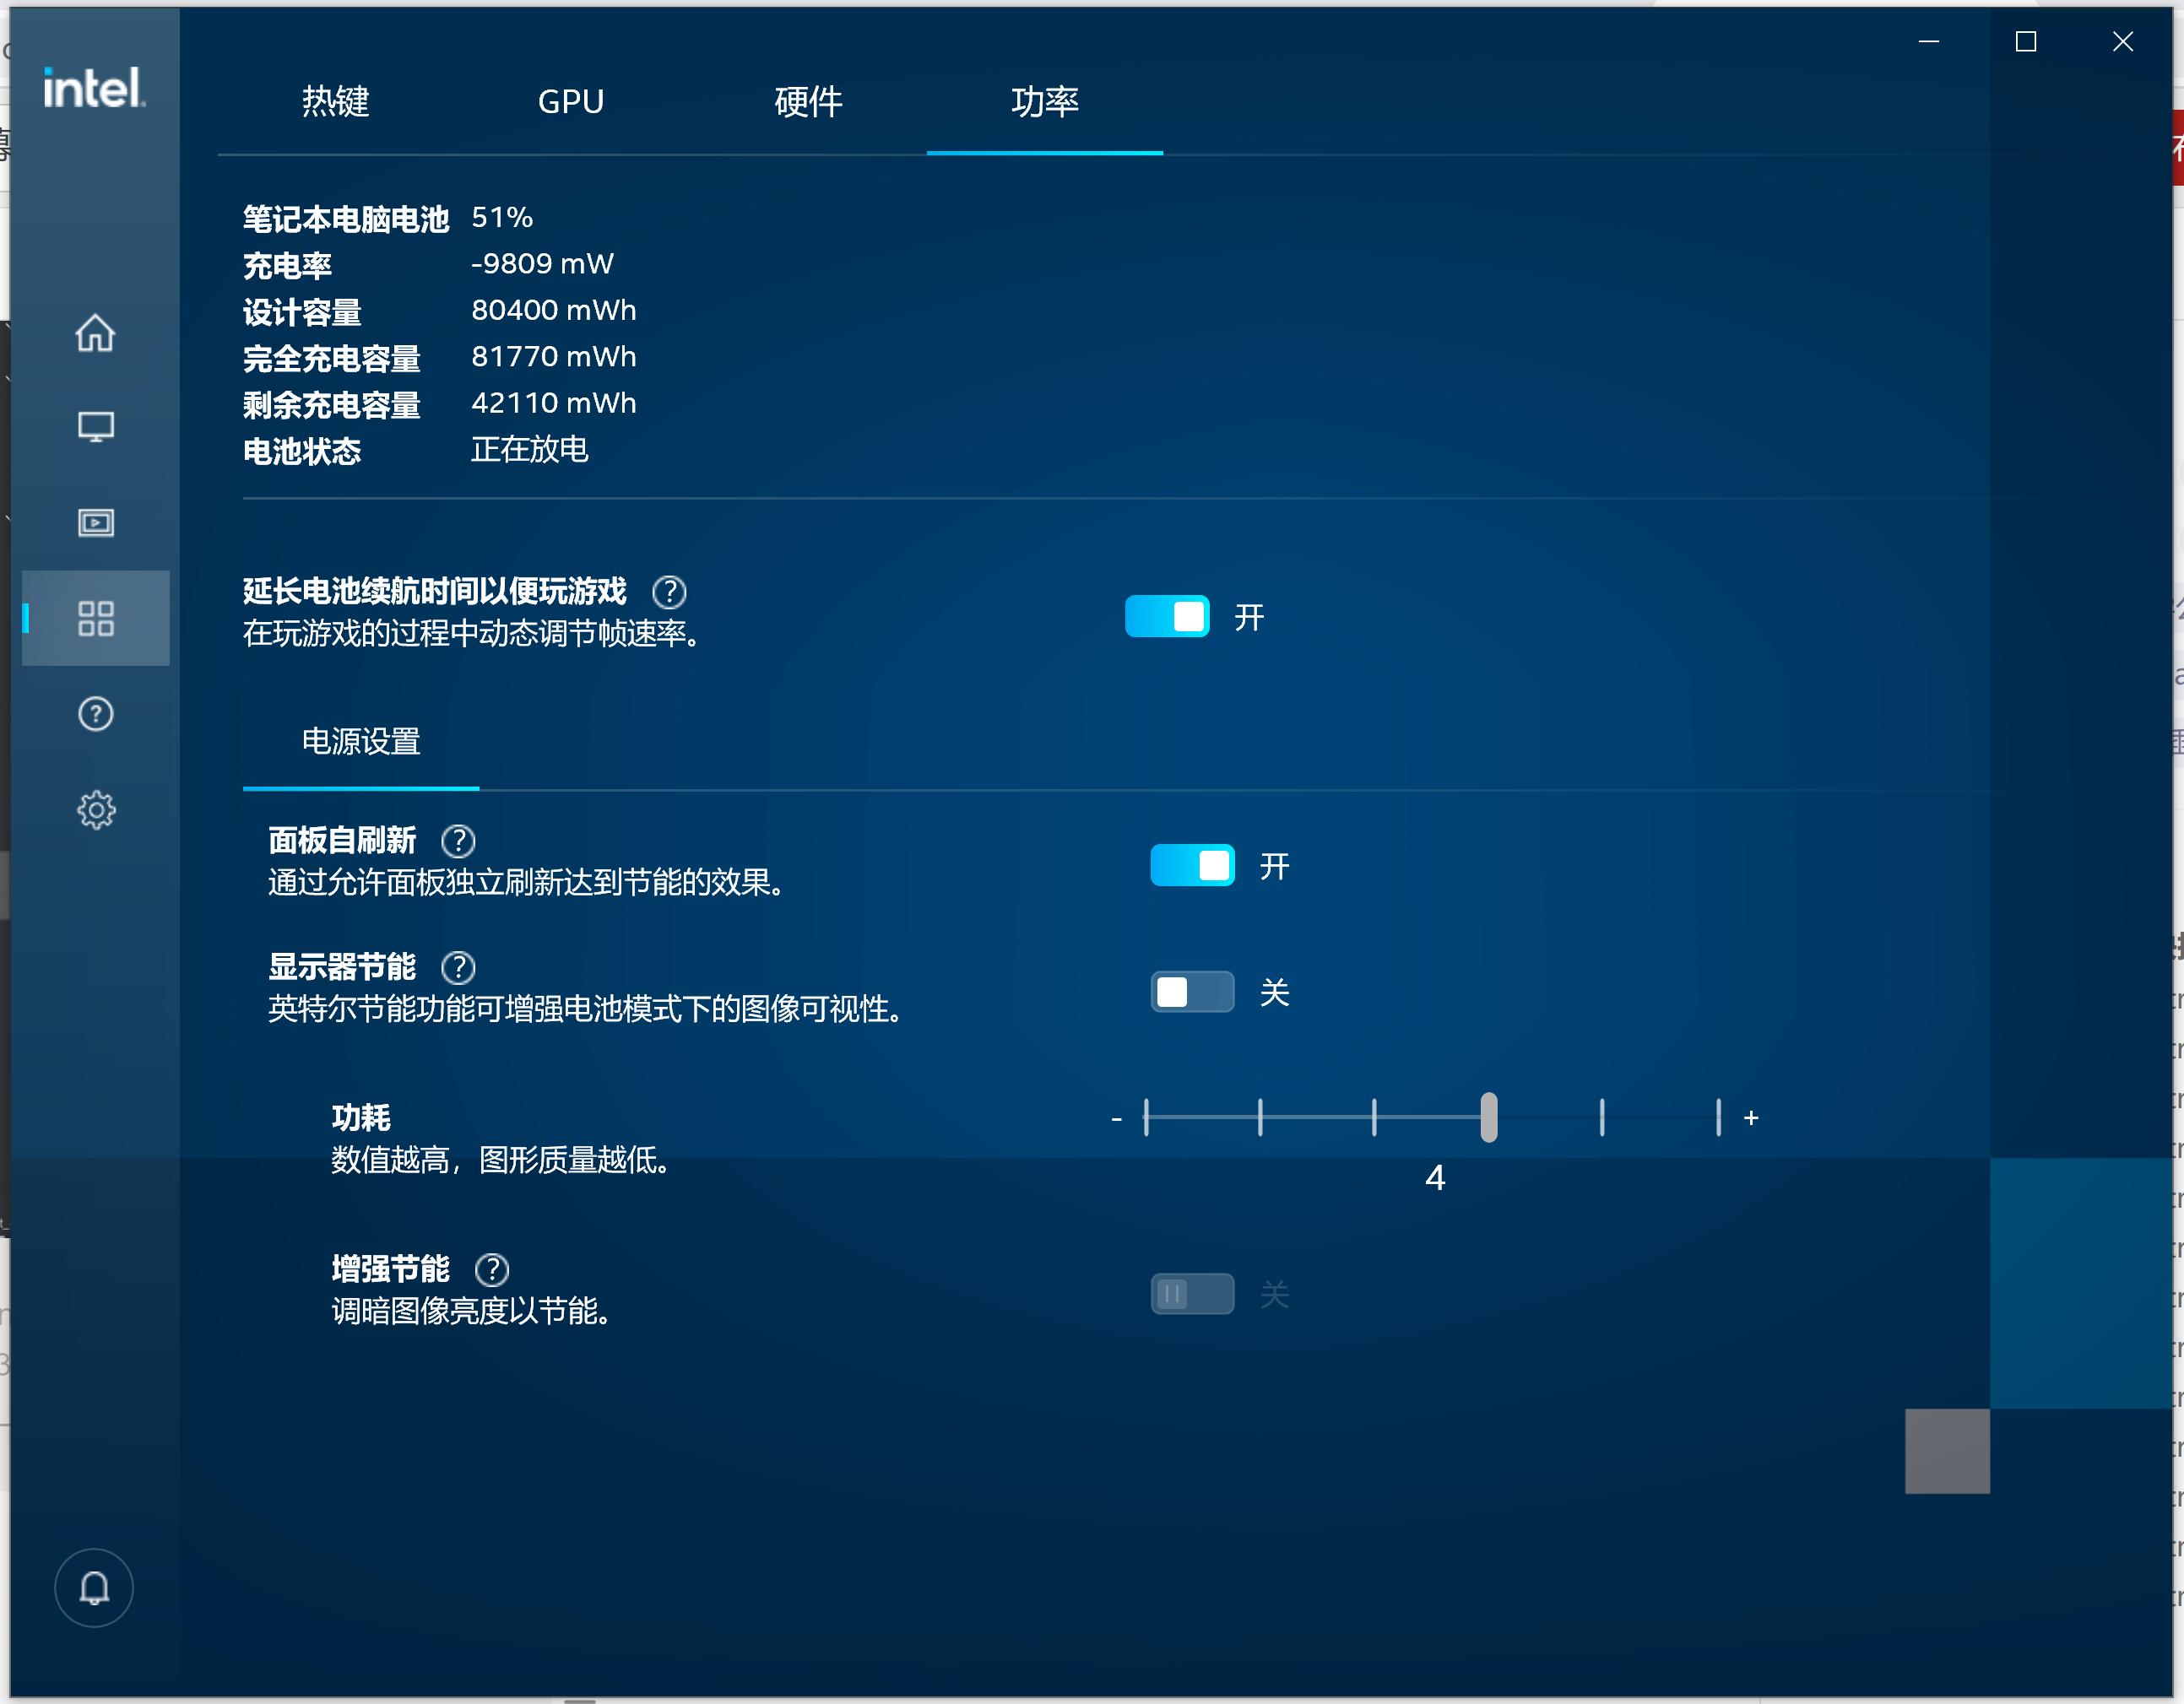 笔记本如何关闭屏幕亮度自动调节(解决切换界面时屏幕忽明忽暗的问题)